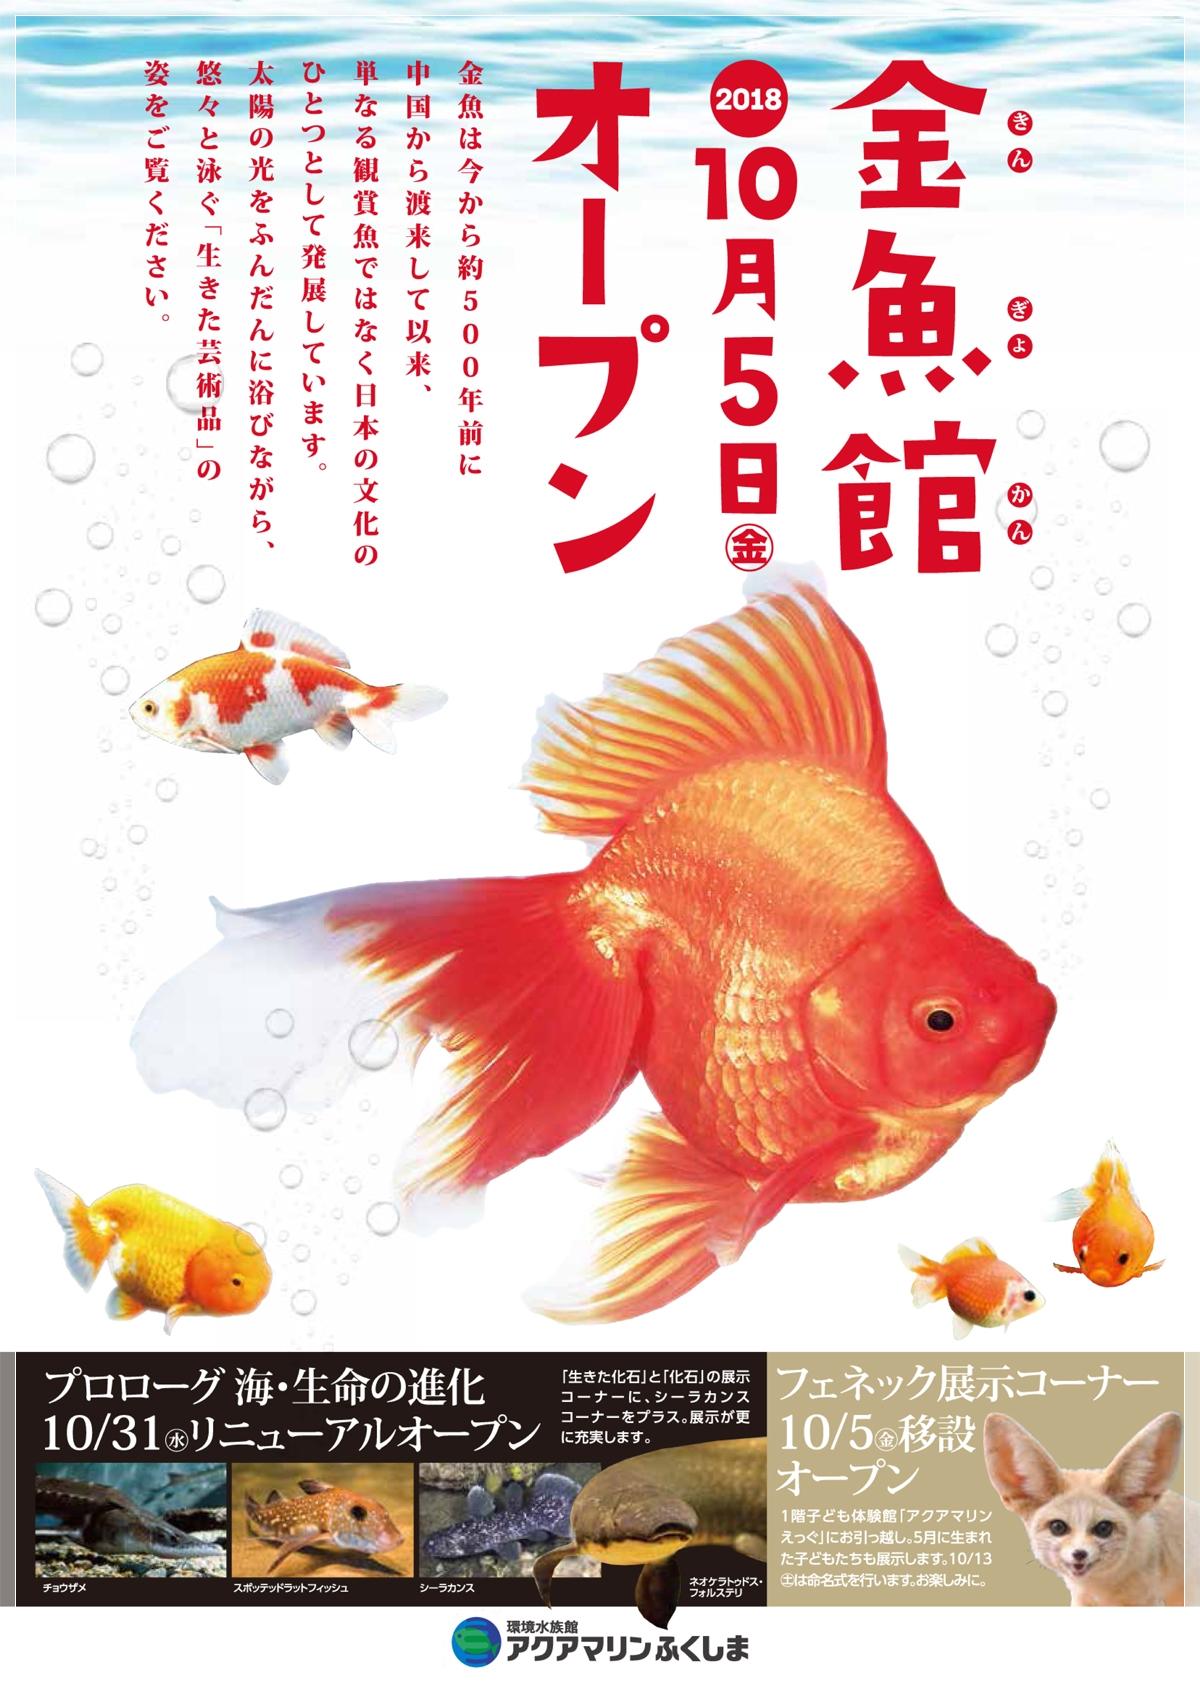 アクアマリンふくしま「金魚館」オープン!! [平成30年10月6日(土)更新]1